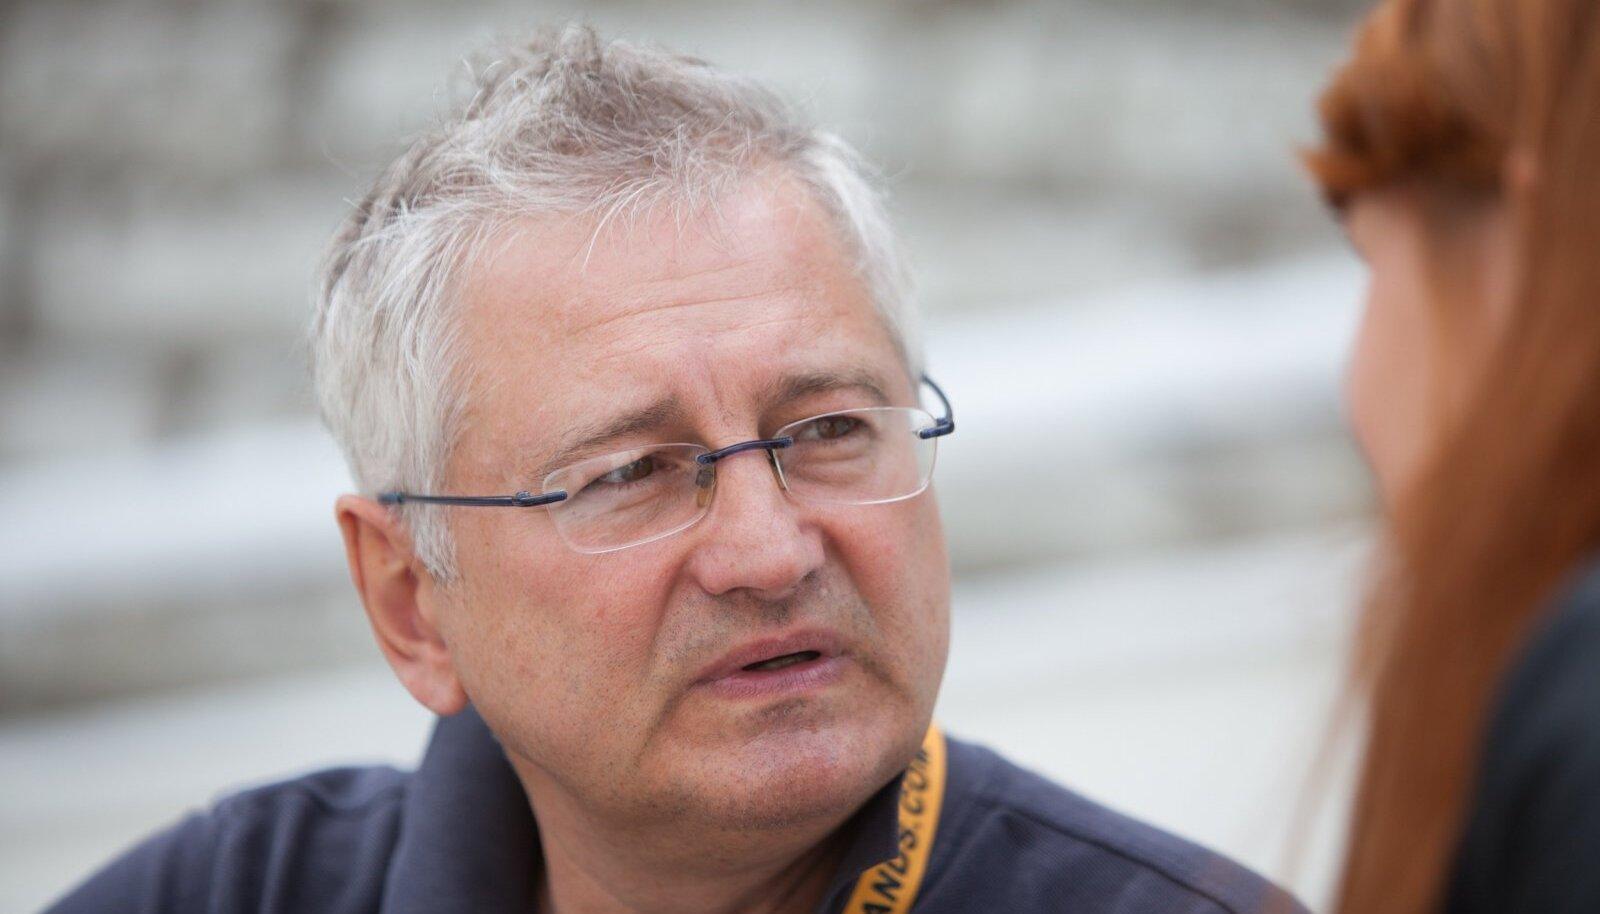 Jüri Makarov